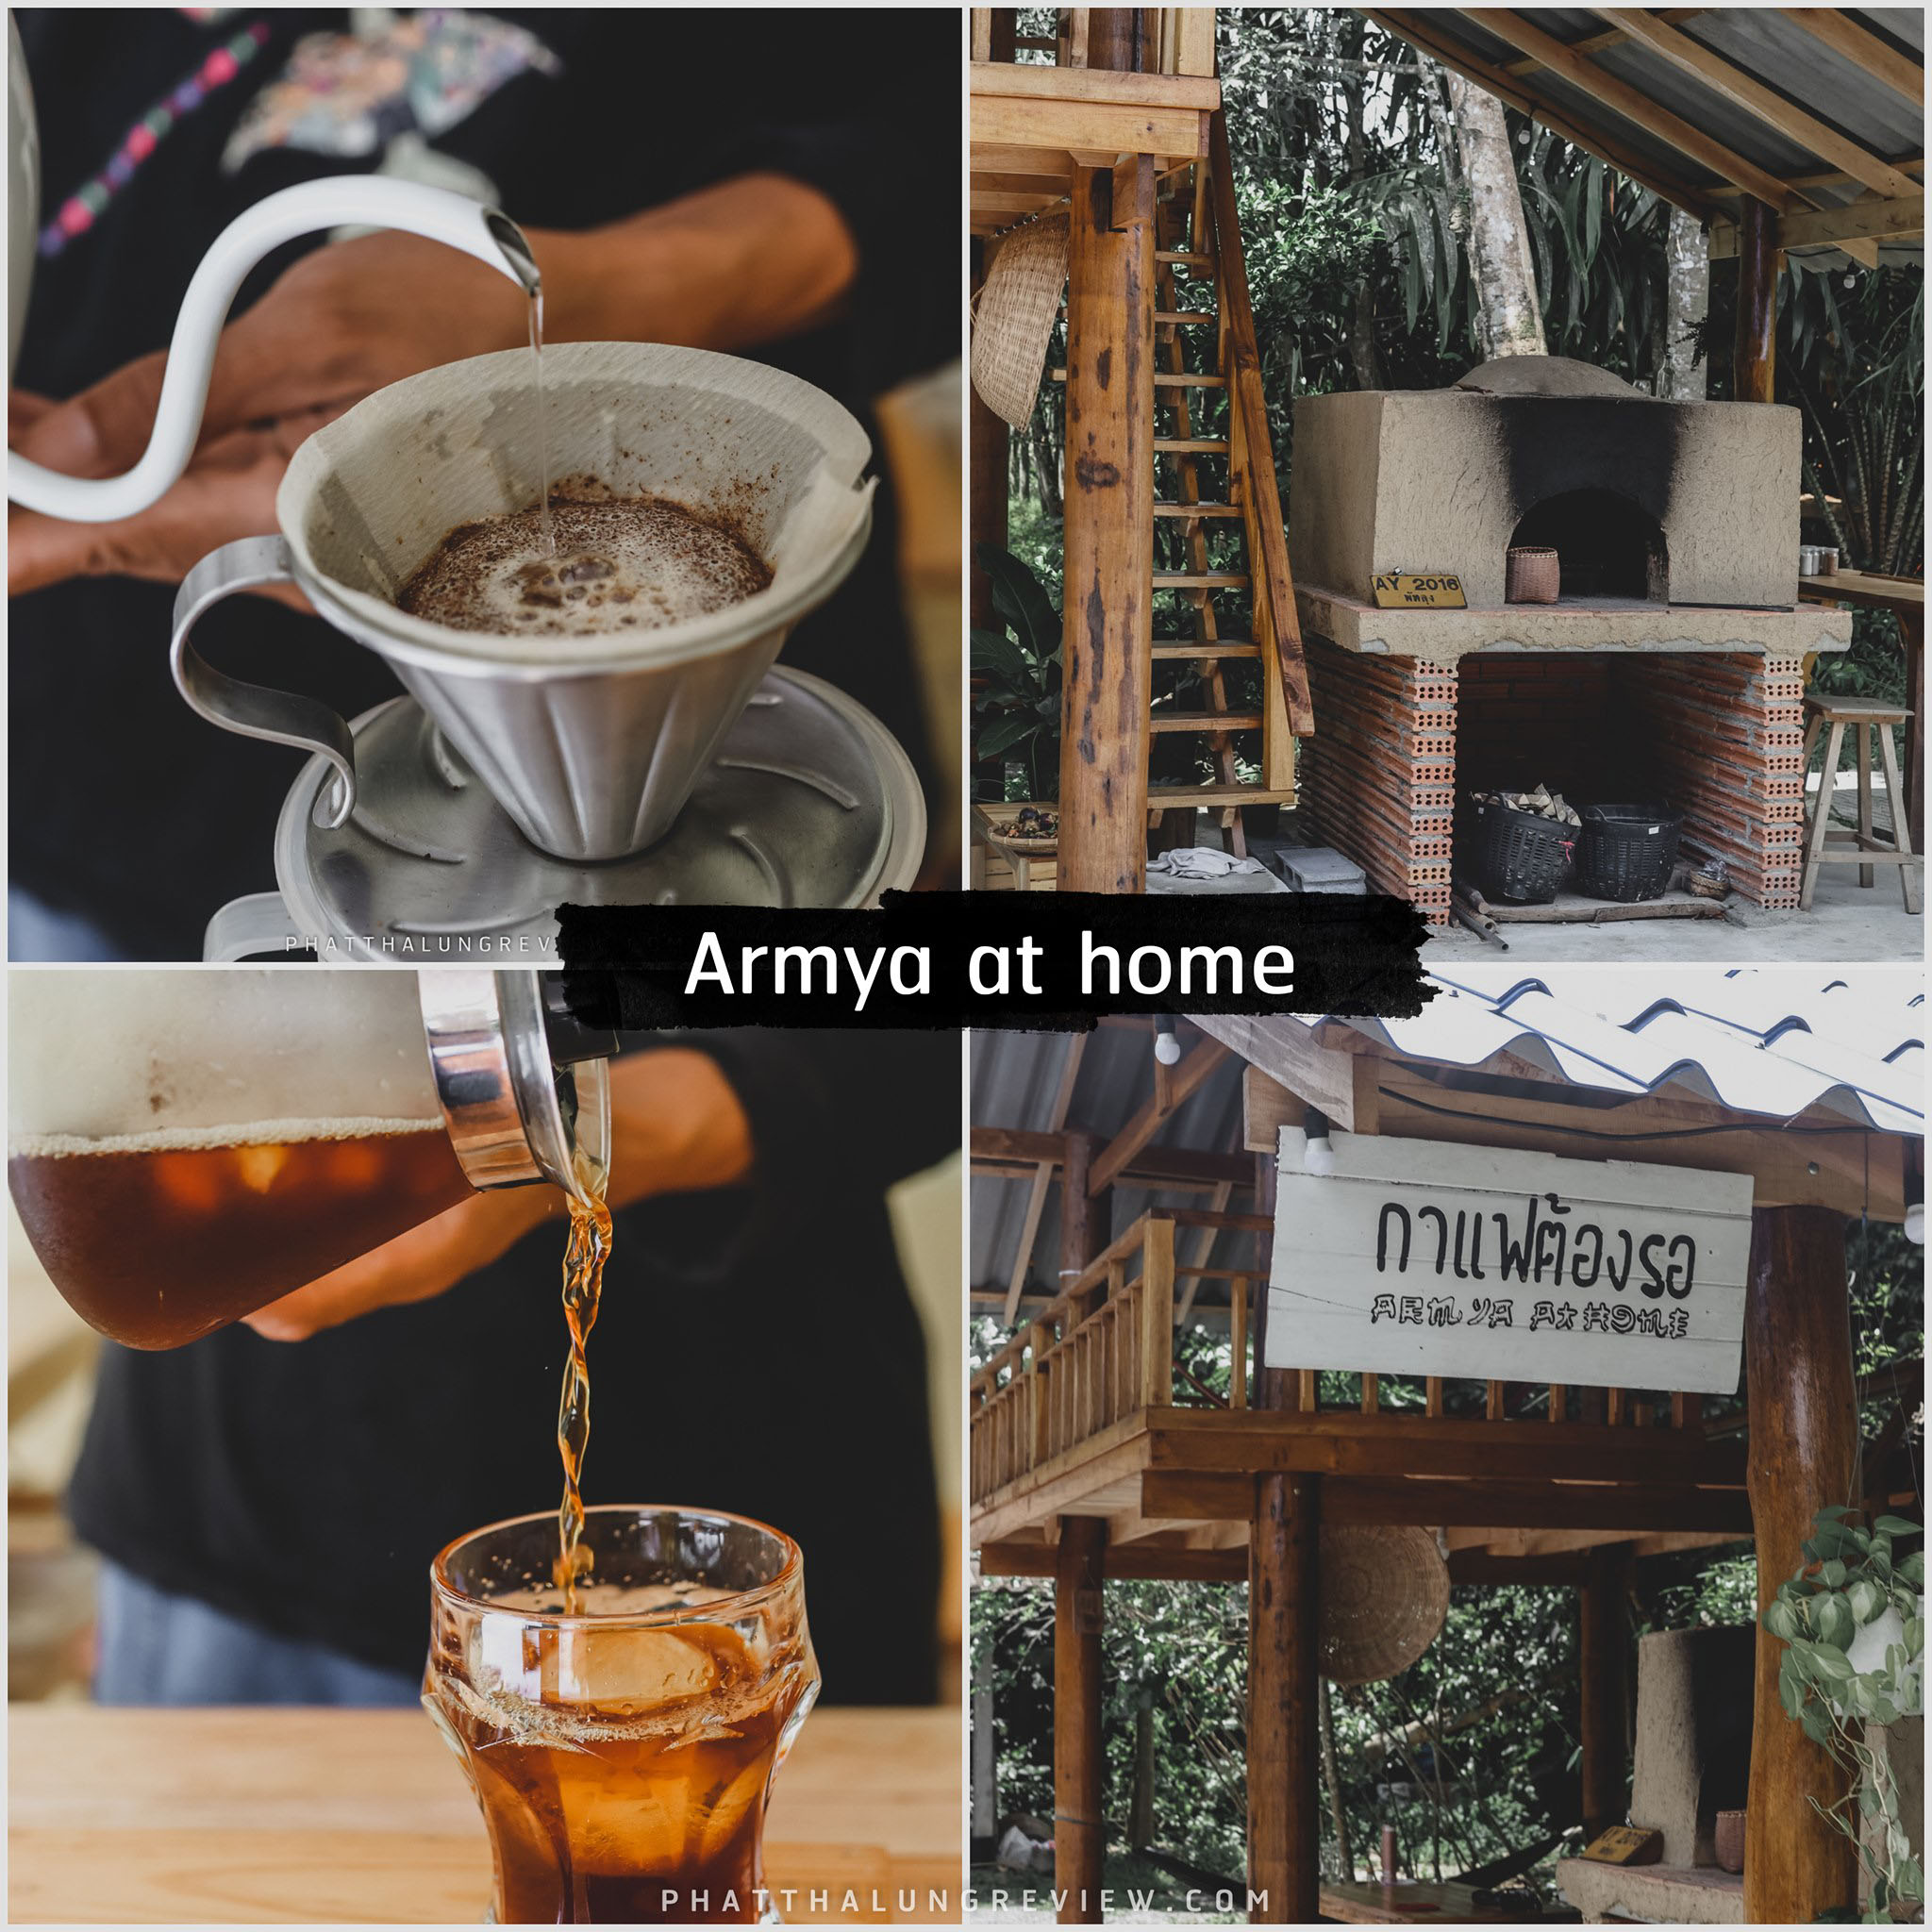 Armya at Home บอกเลยที่นี่ต้องจองล่วงหน้าเท่านั้นน้าาา มีทั้งกาแฟดริป และสอนทำขนม เบเกอรี่ ไปจนถึงทำพิซซ่า และสอนทำบะหมี่ สปาเกตตี้ด้วย จากผลิตภัณฑ์ธรรมชาติครับพัทลุง,ที่เที่ยว,จุดเช็คอิน,คาเฟ่,ของกิน,ที่พัก,รีสอร์ท